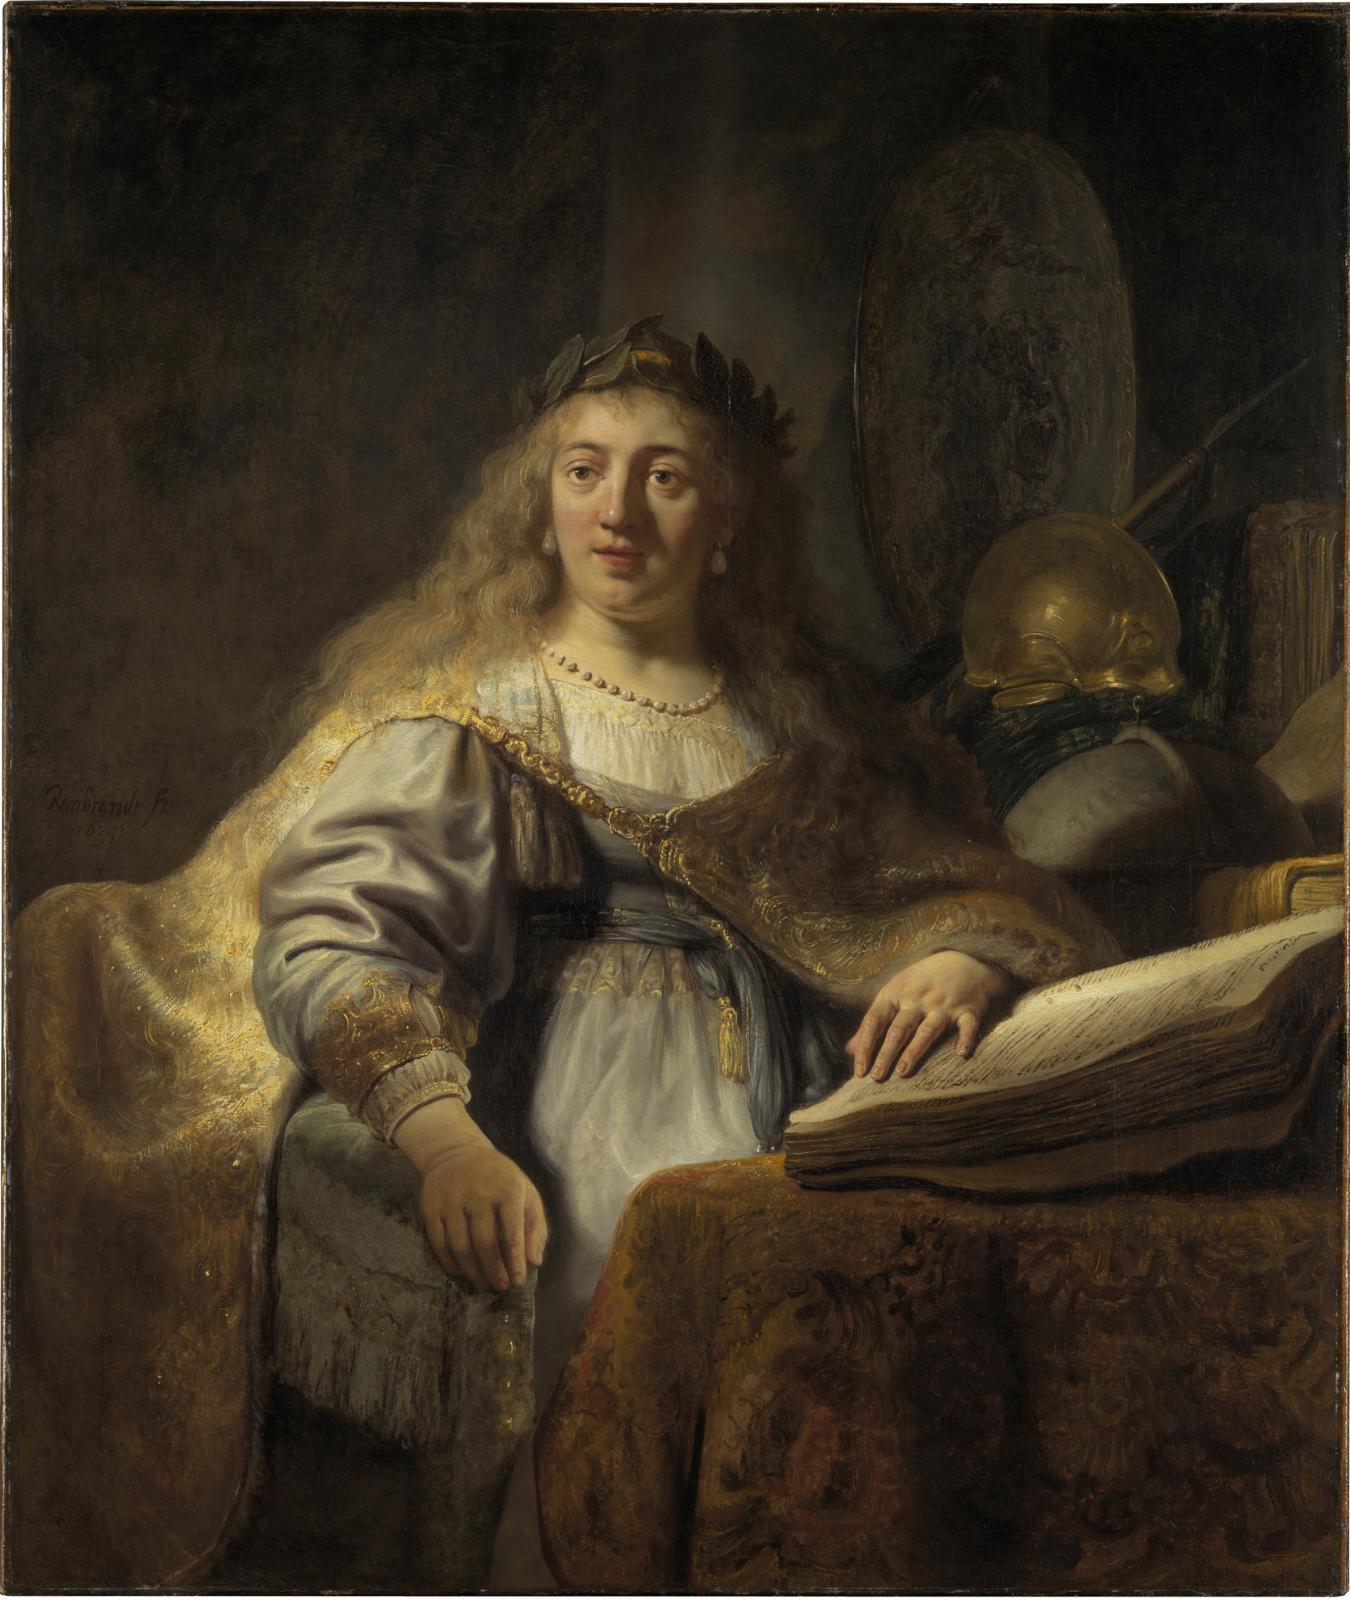 Rembrandt van Rijn, dit Rembrandt (1606-1669) Minerve, 1635, huile sur toile, 138x116,5cm. © New York, collection Leiden